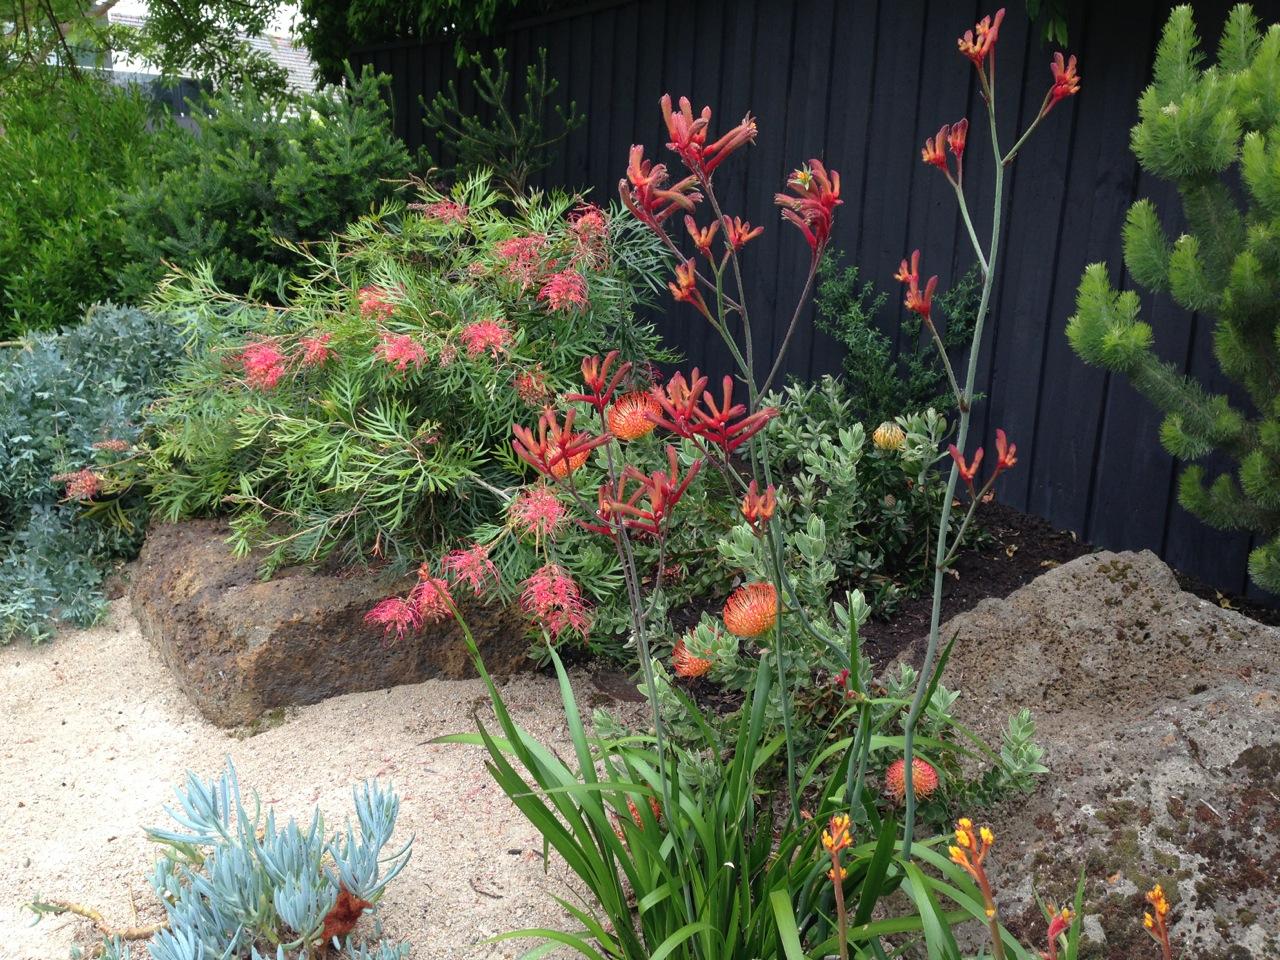 The Best Garden Designer In Australia? – Janna Schreier Garden Design